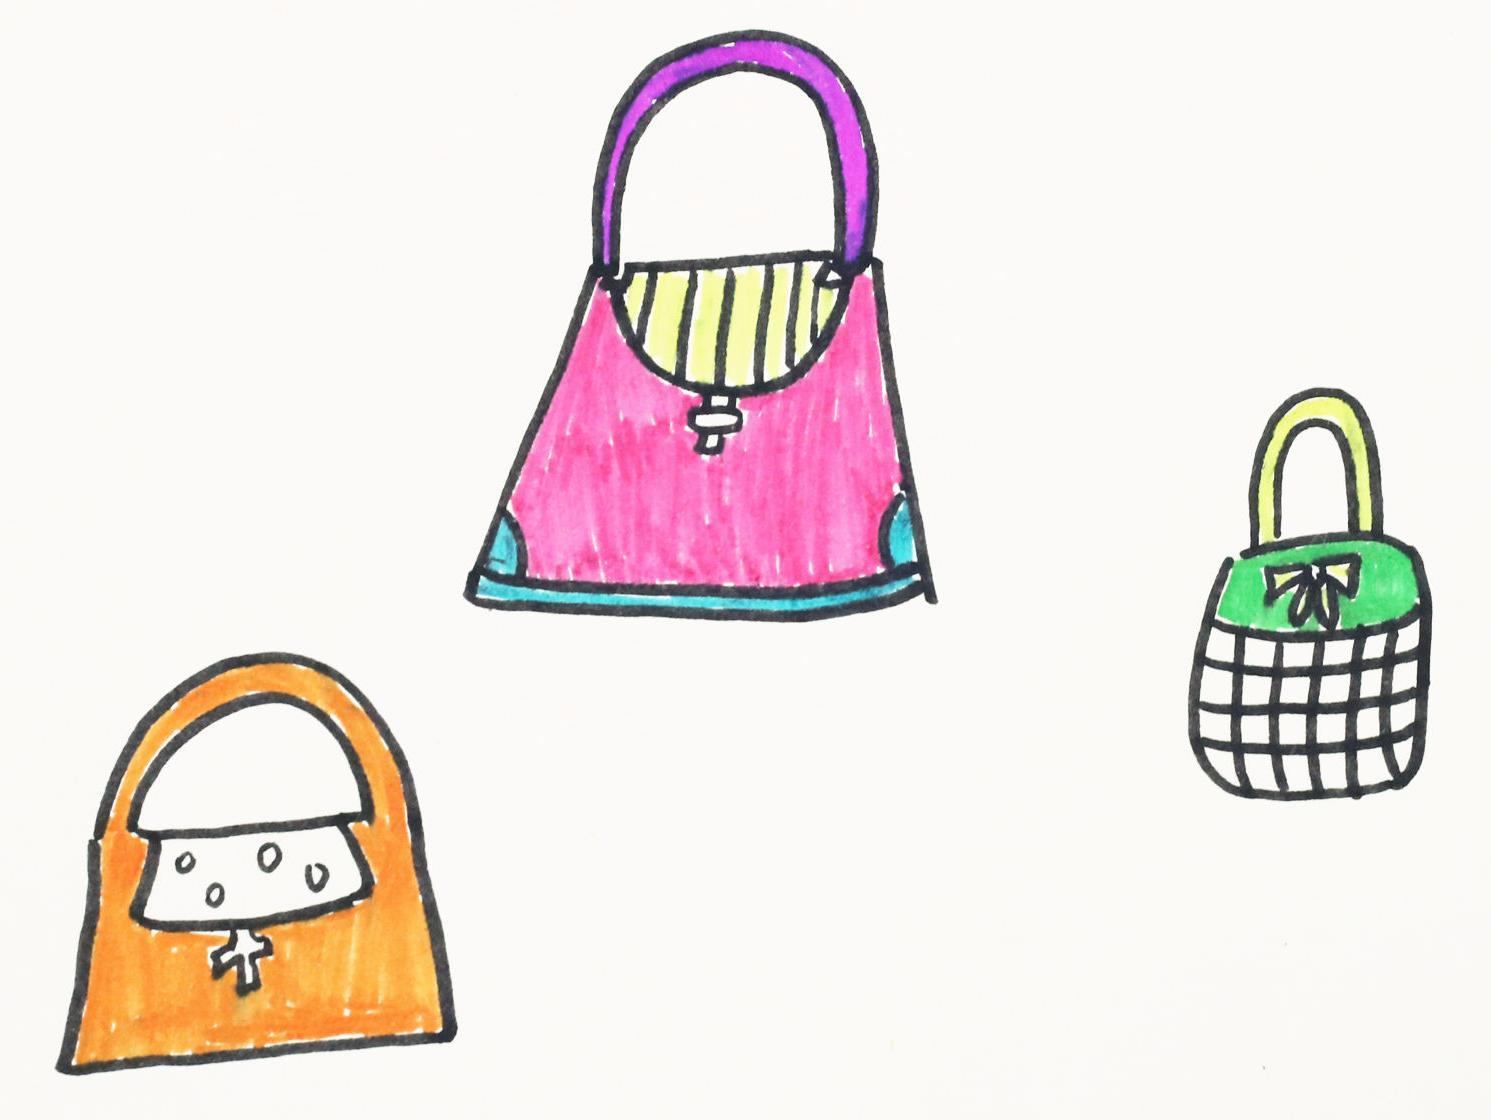 简笔画教程,教宝宝如何画出好看的手提包